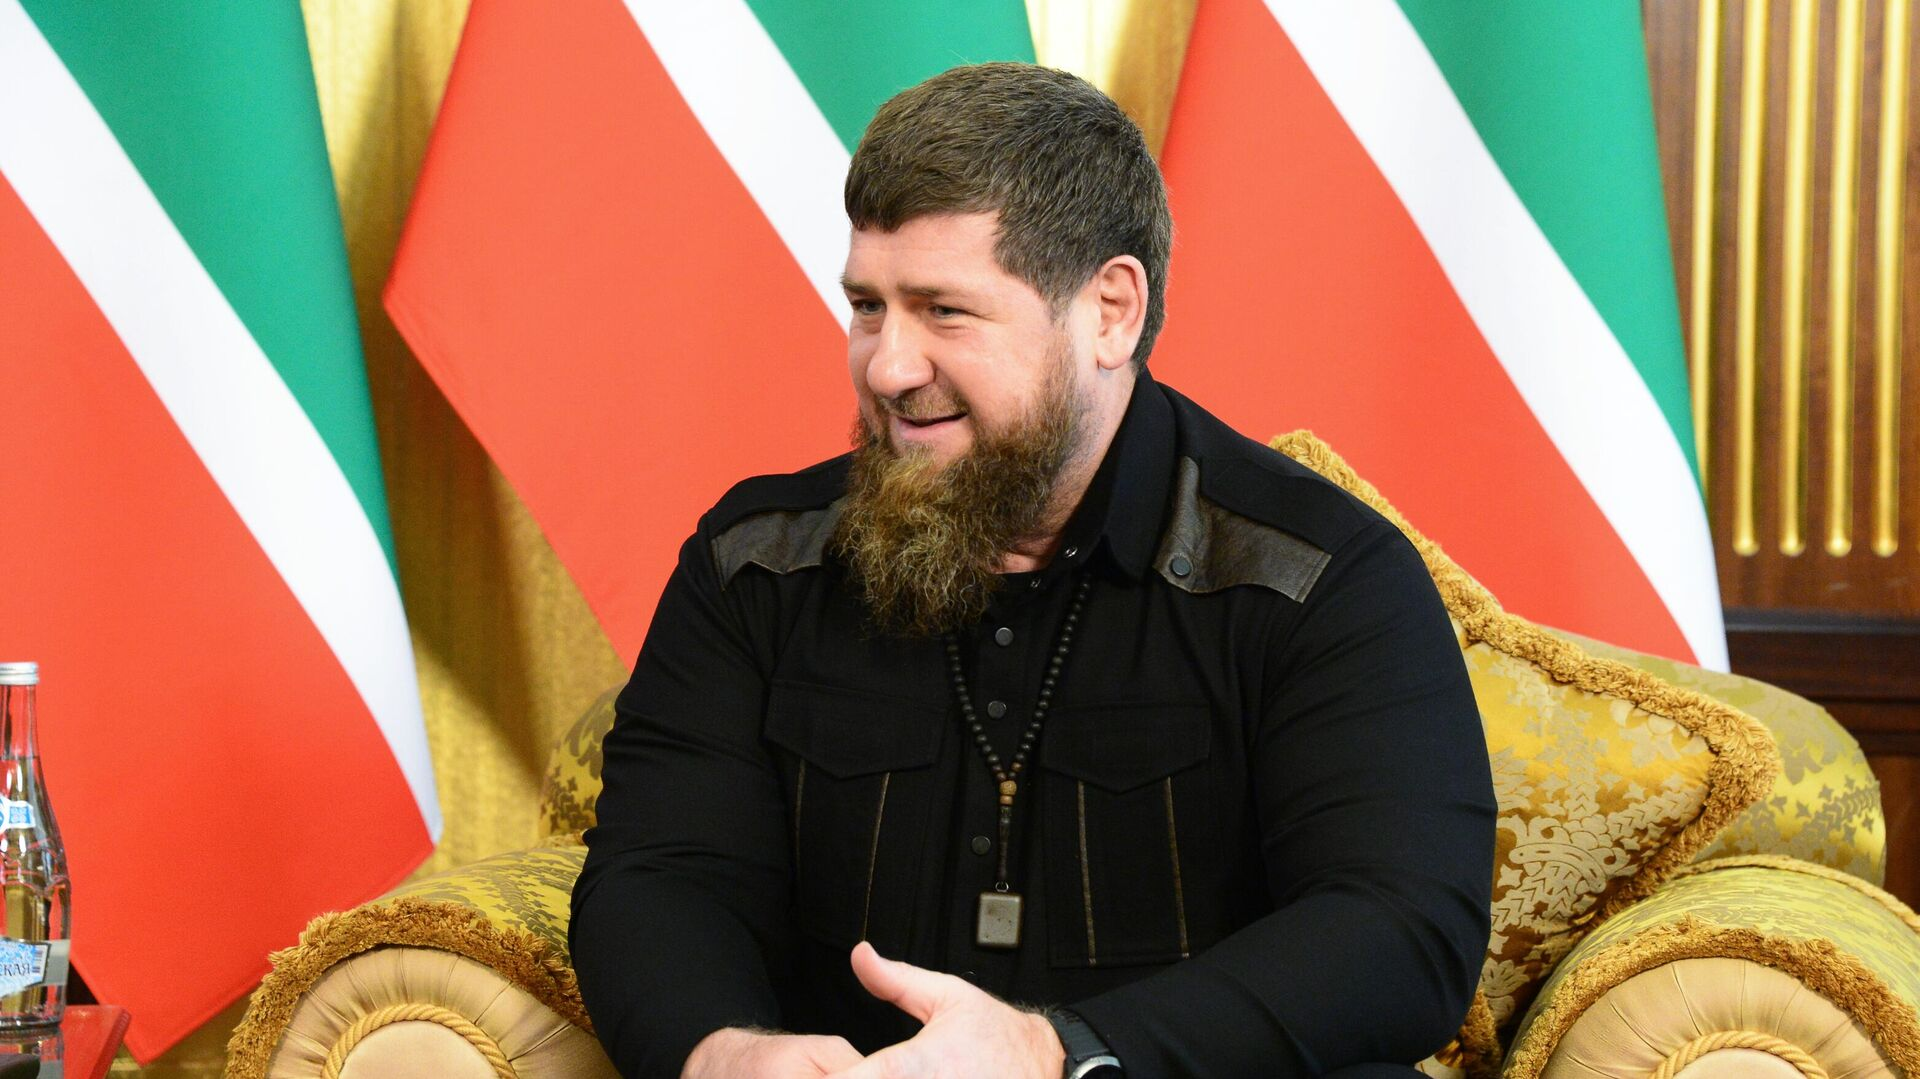 Чечня останется в России независимо от личности президента, заявил Кадыров